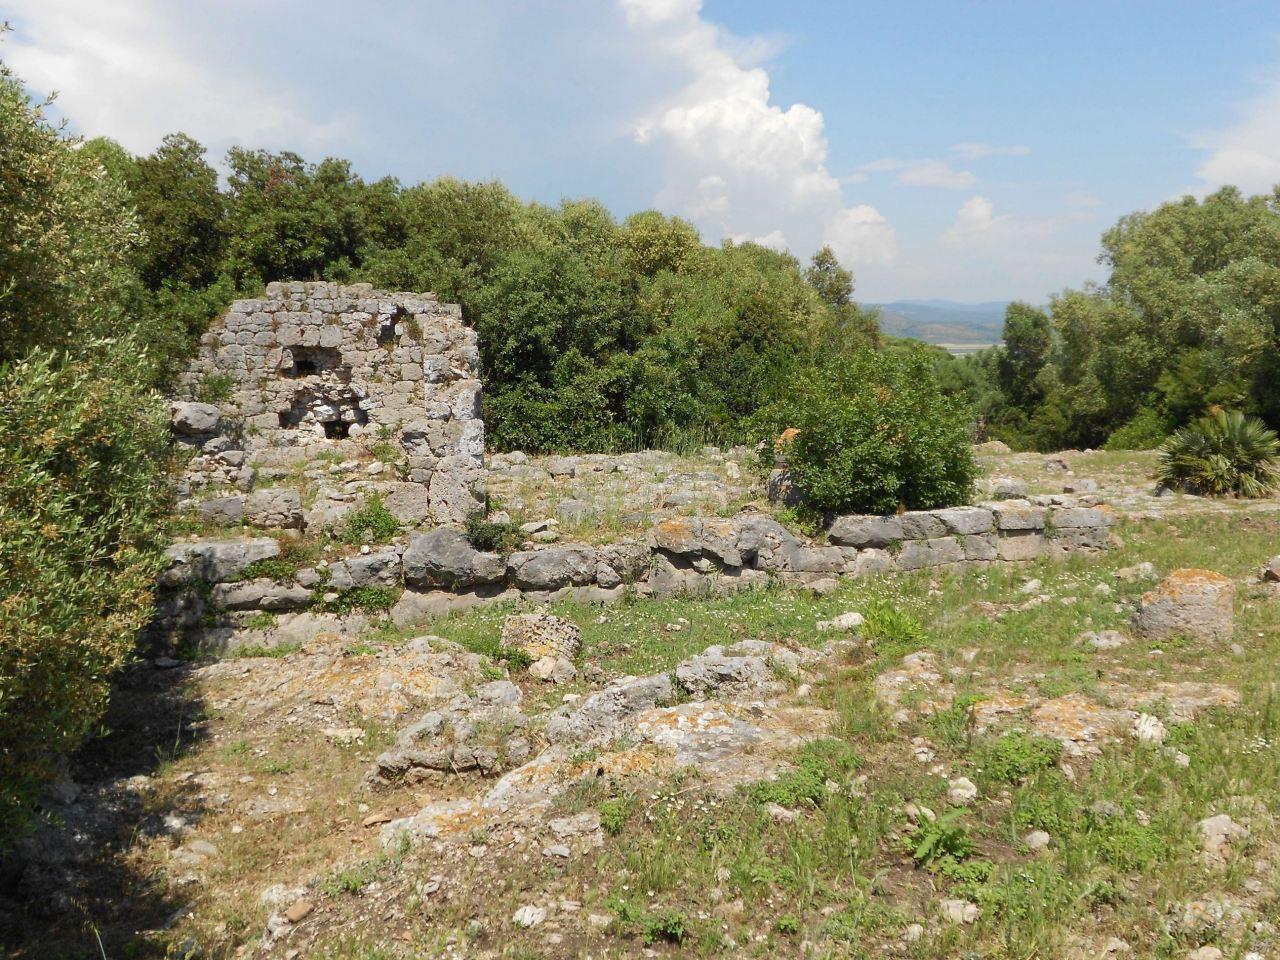 Cosa-Mura-Megalitiche-Ansedonia-Grosseto-Toscana-Italia-39